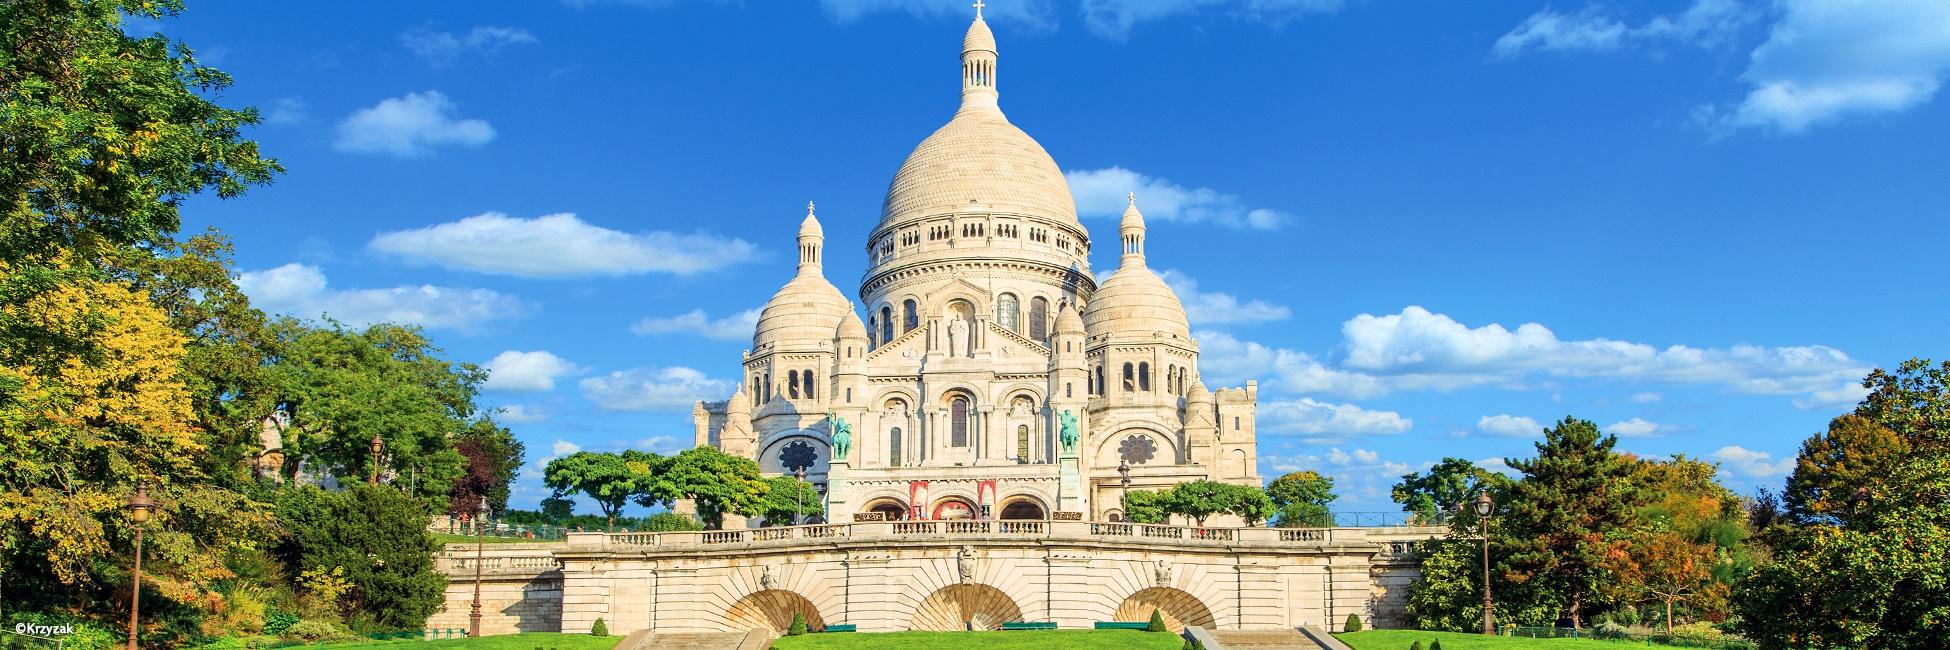 Basilique du Sacré-Cœur, Montmartre, Paris